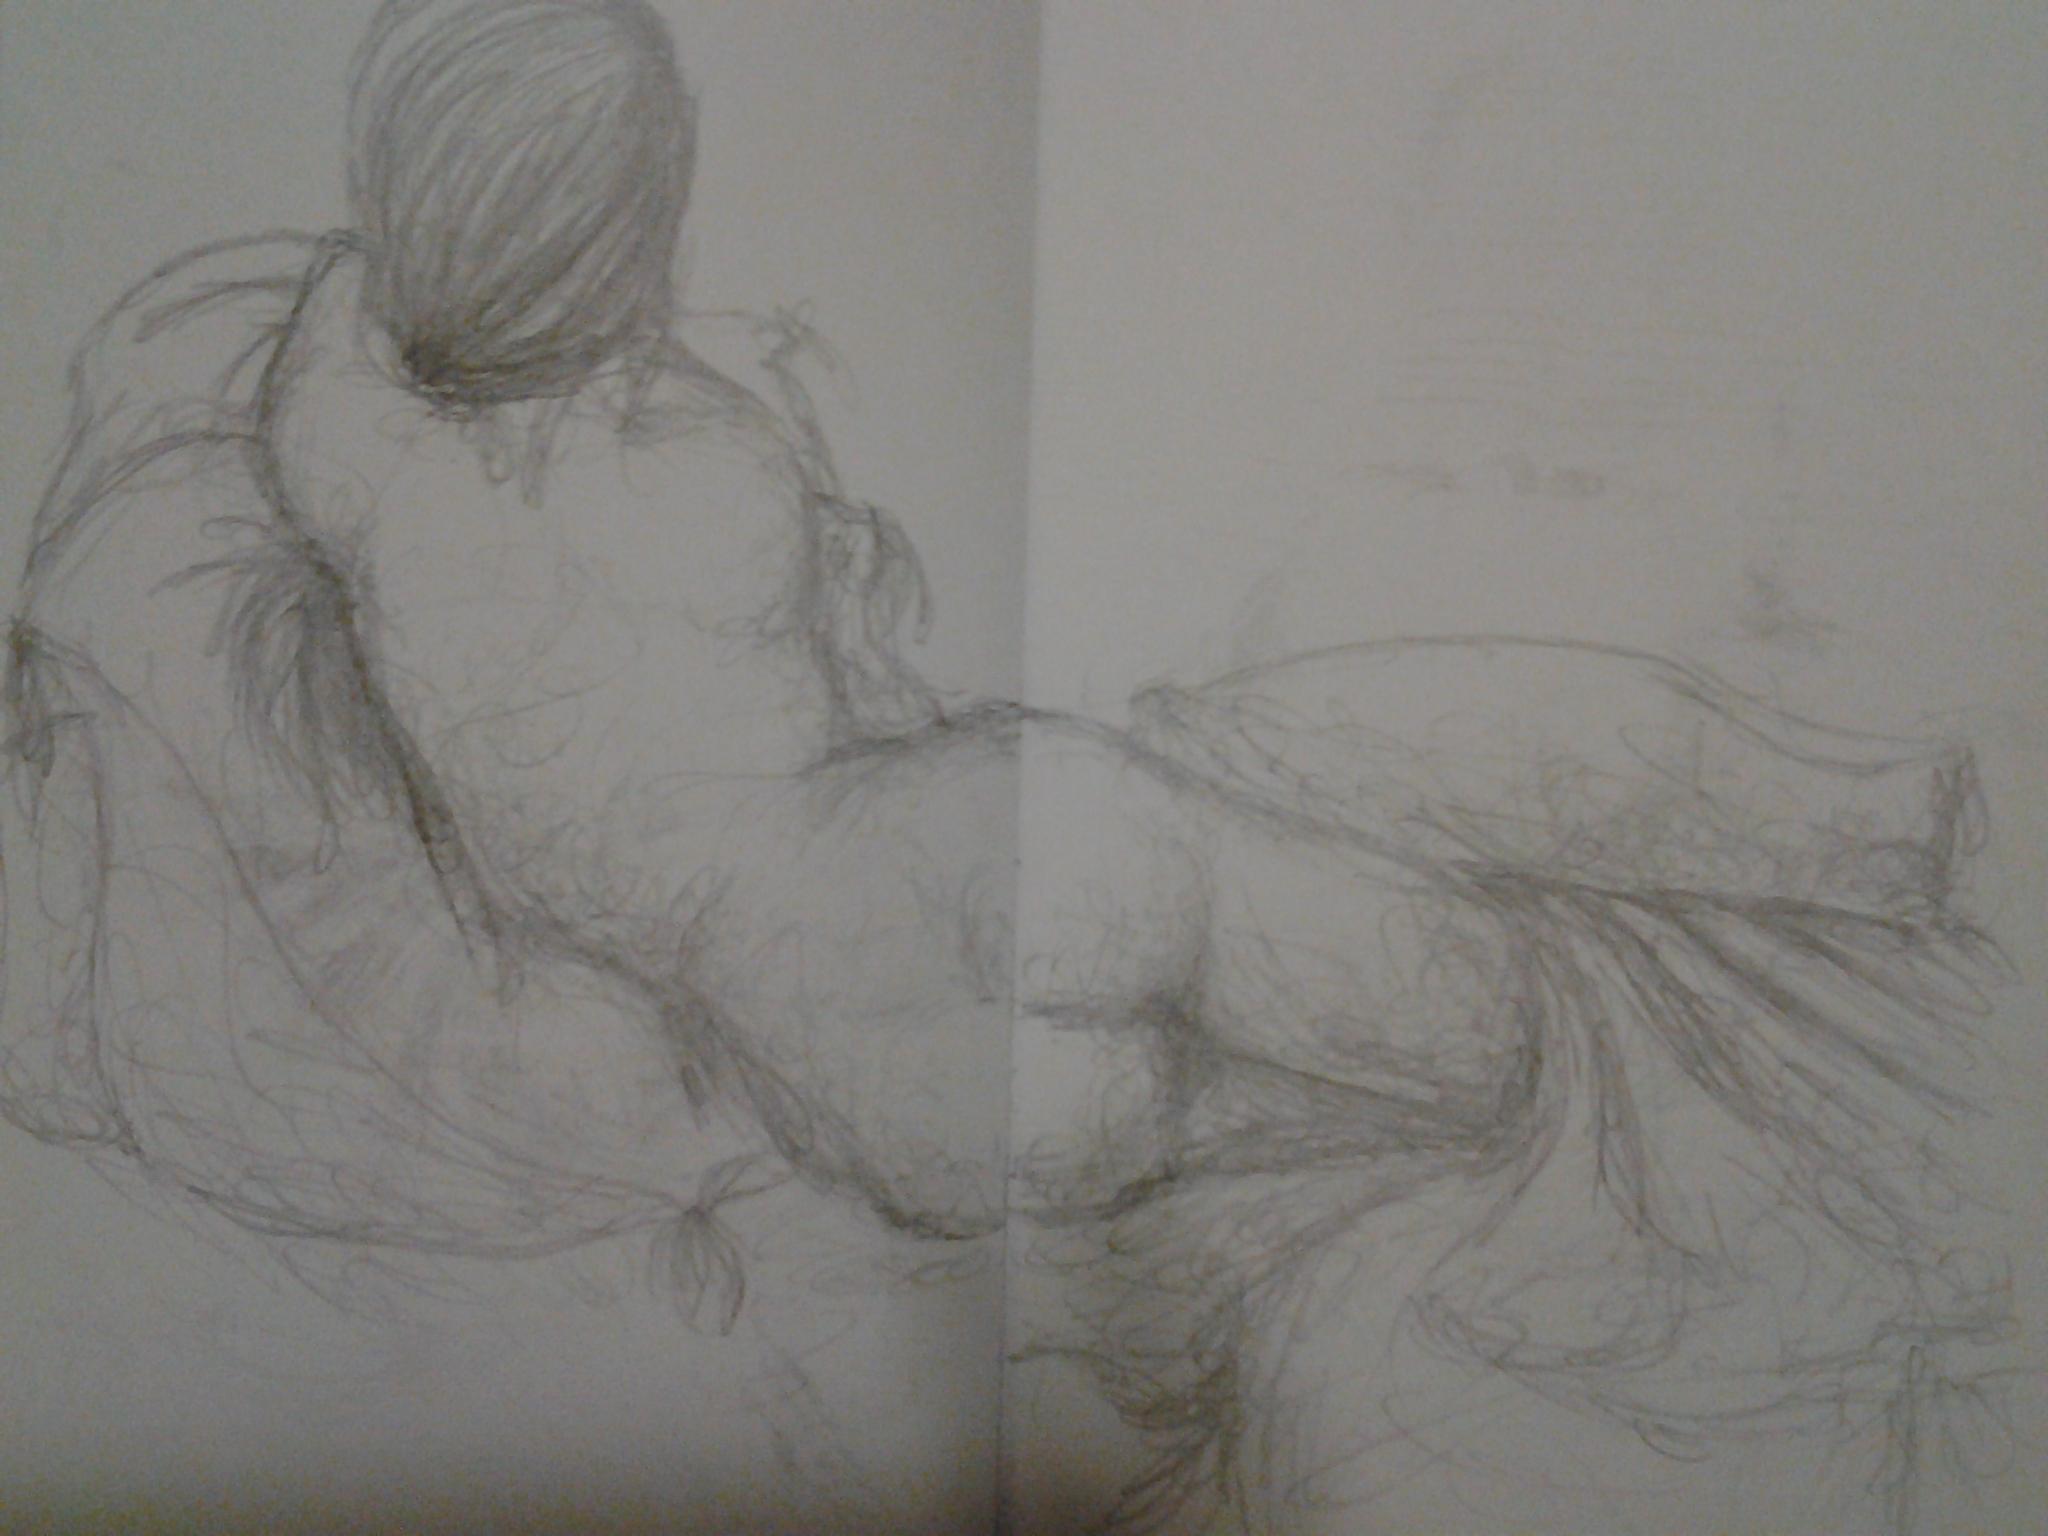 Behind Sketch